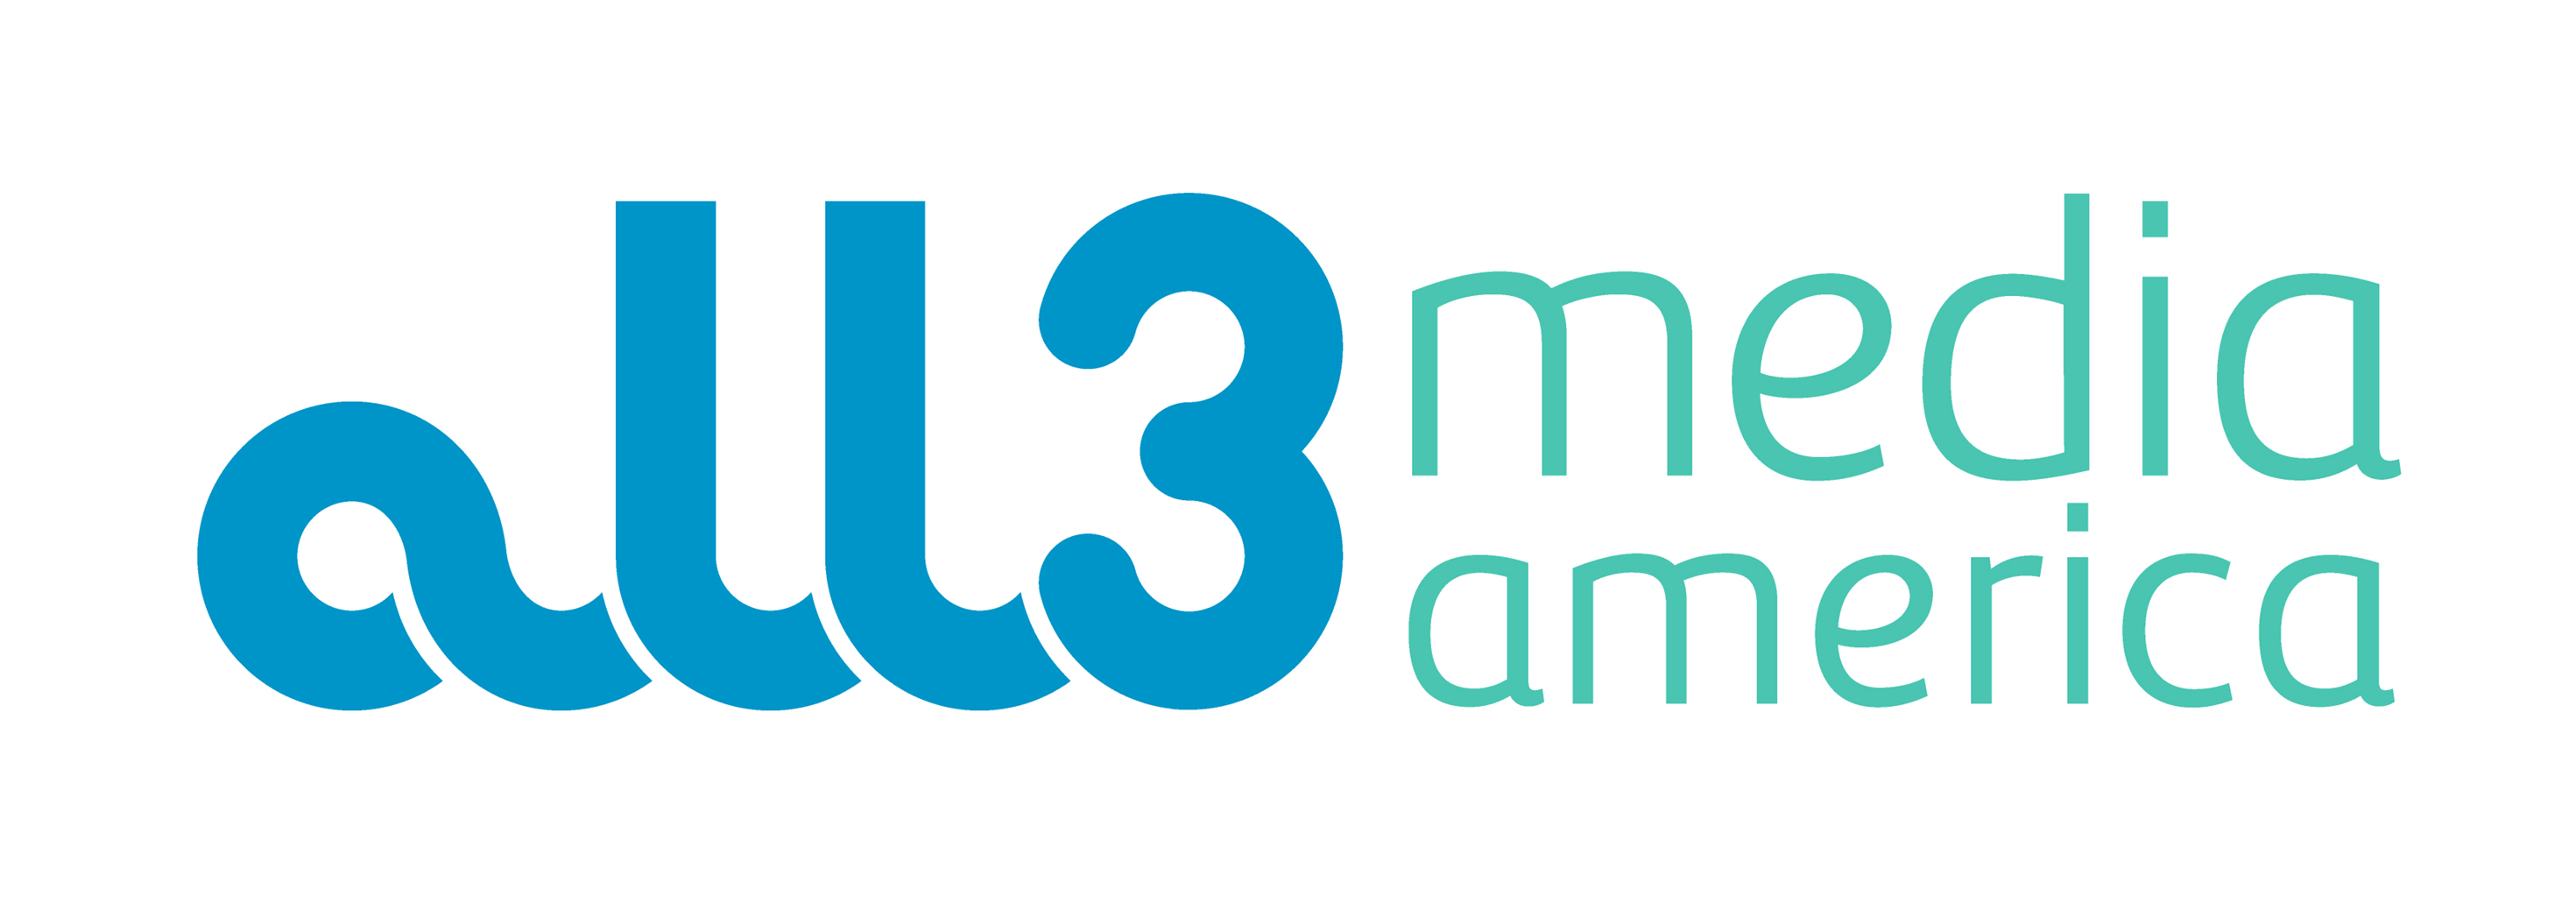 all3 Media America logo 2017